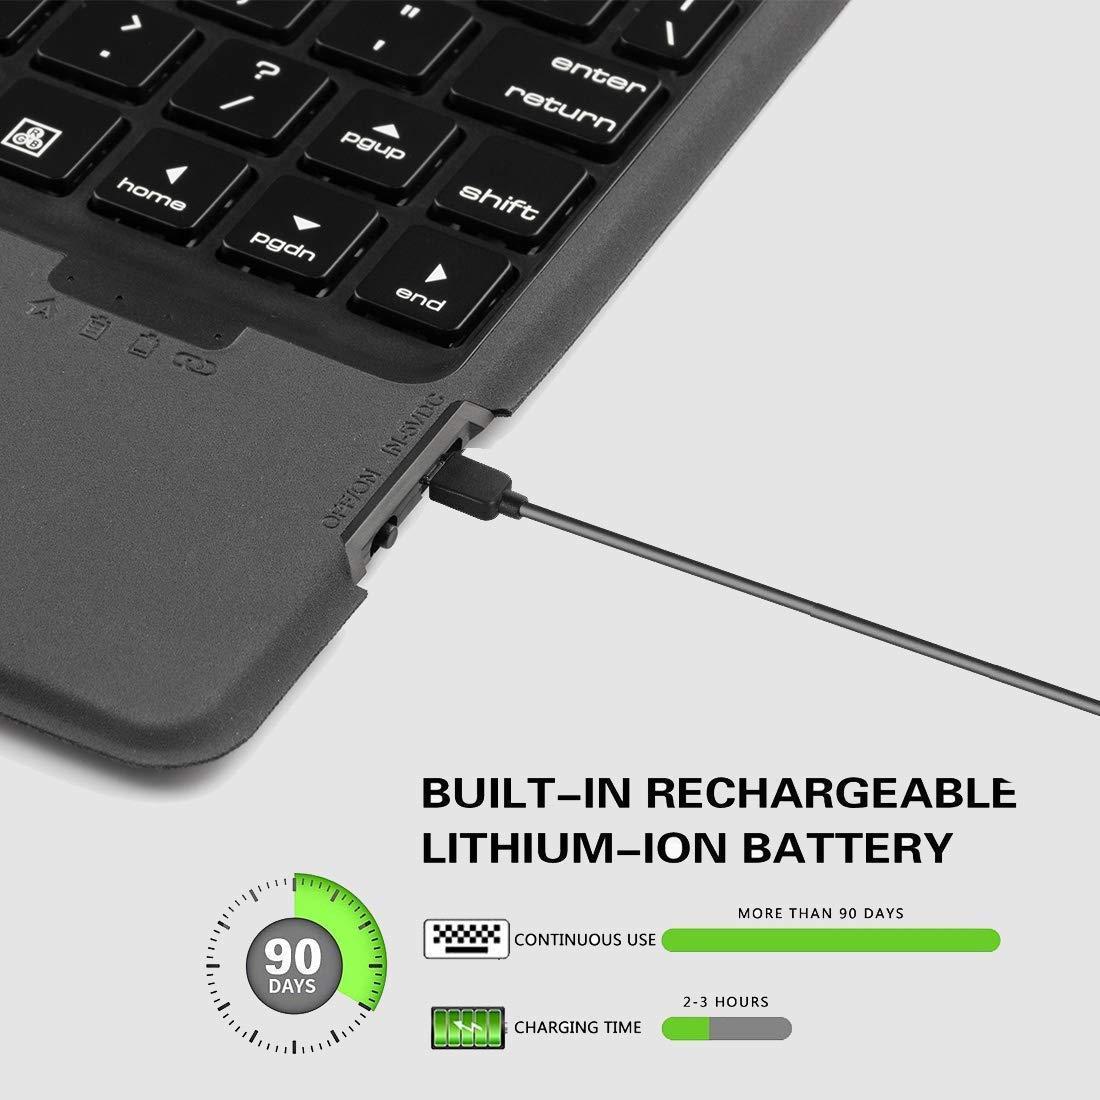 // 2018 // Air 2 // Air 1 // PRO 9.7 Tastiera Bluetooth 4.0 con retroilluminazione a 7 Colori e portamatite Sairain Custodia per Tastiera iPad Compatibile con iPad 9.7 2017